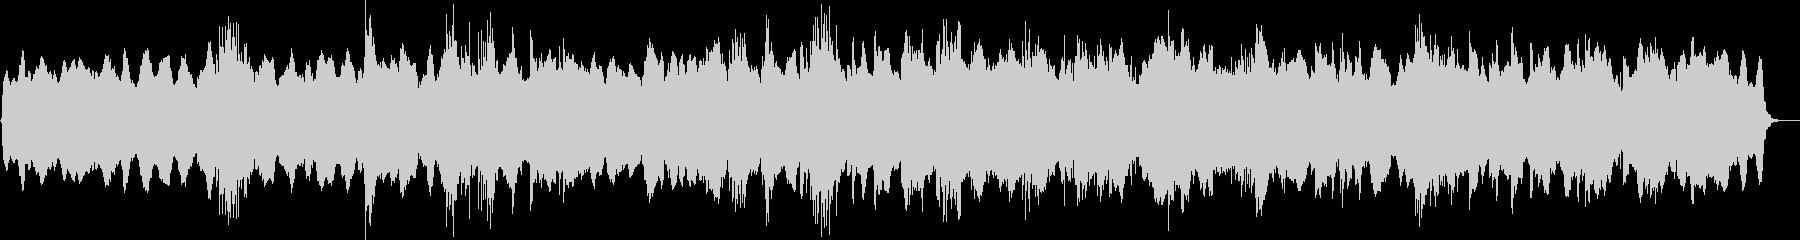 アラビアンフィーリングミュージックの未再生の波形